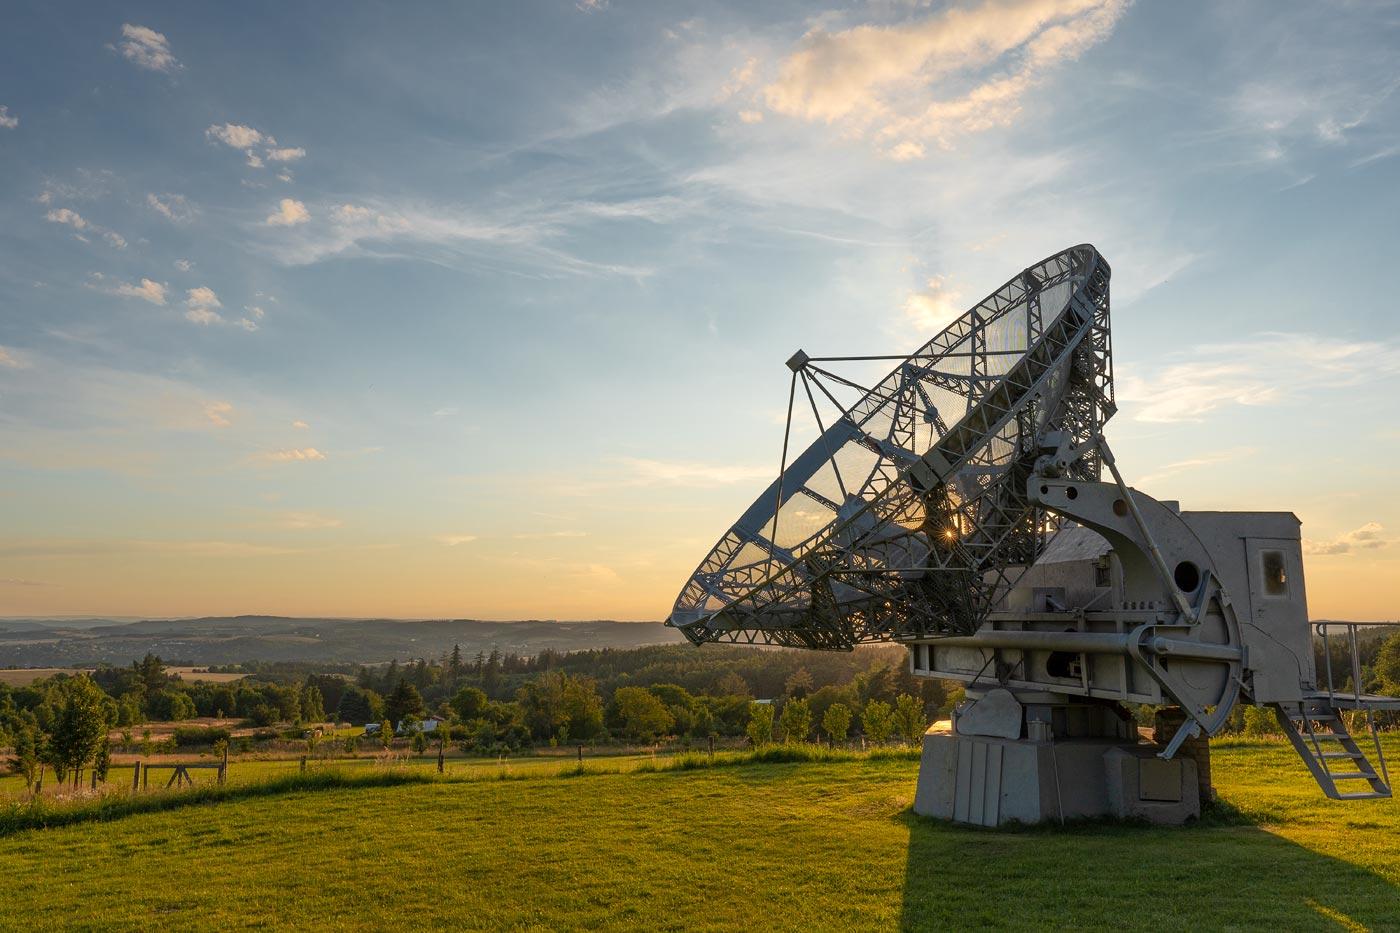 Закатное солнце, радиотелескоп обсерватории в Ондржейове